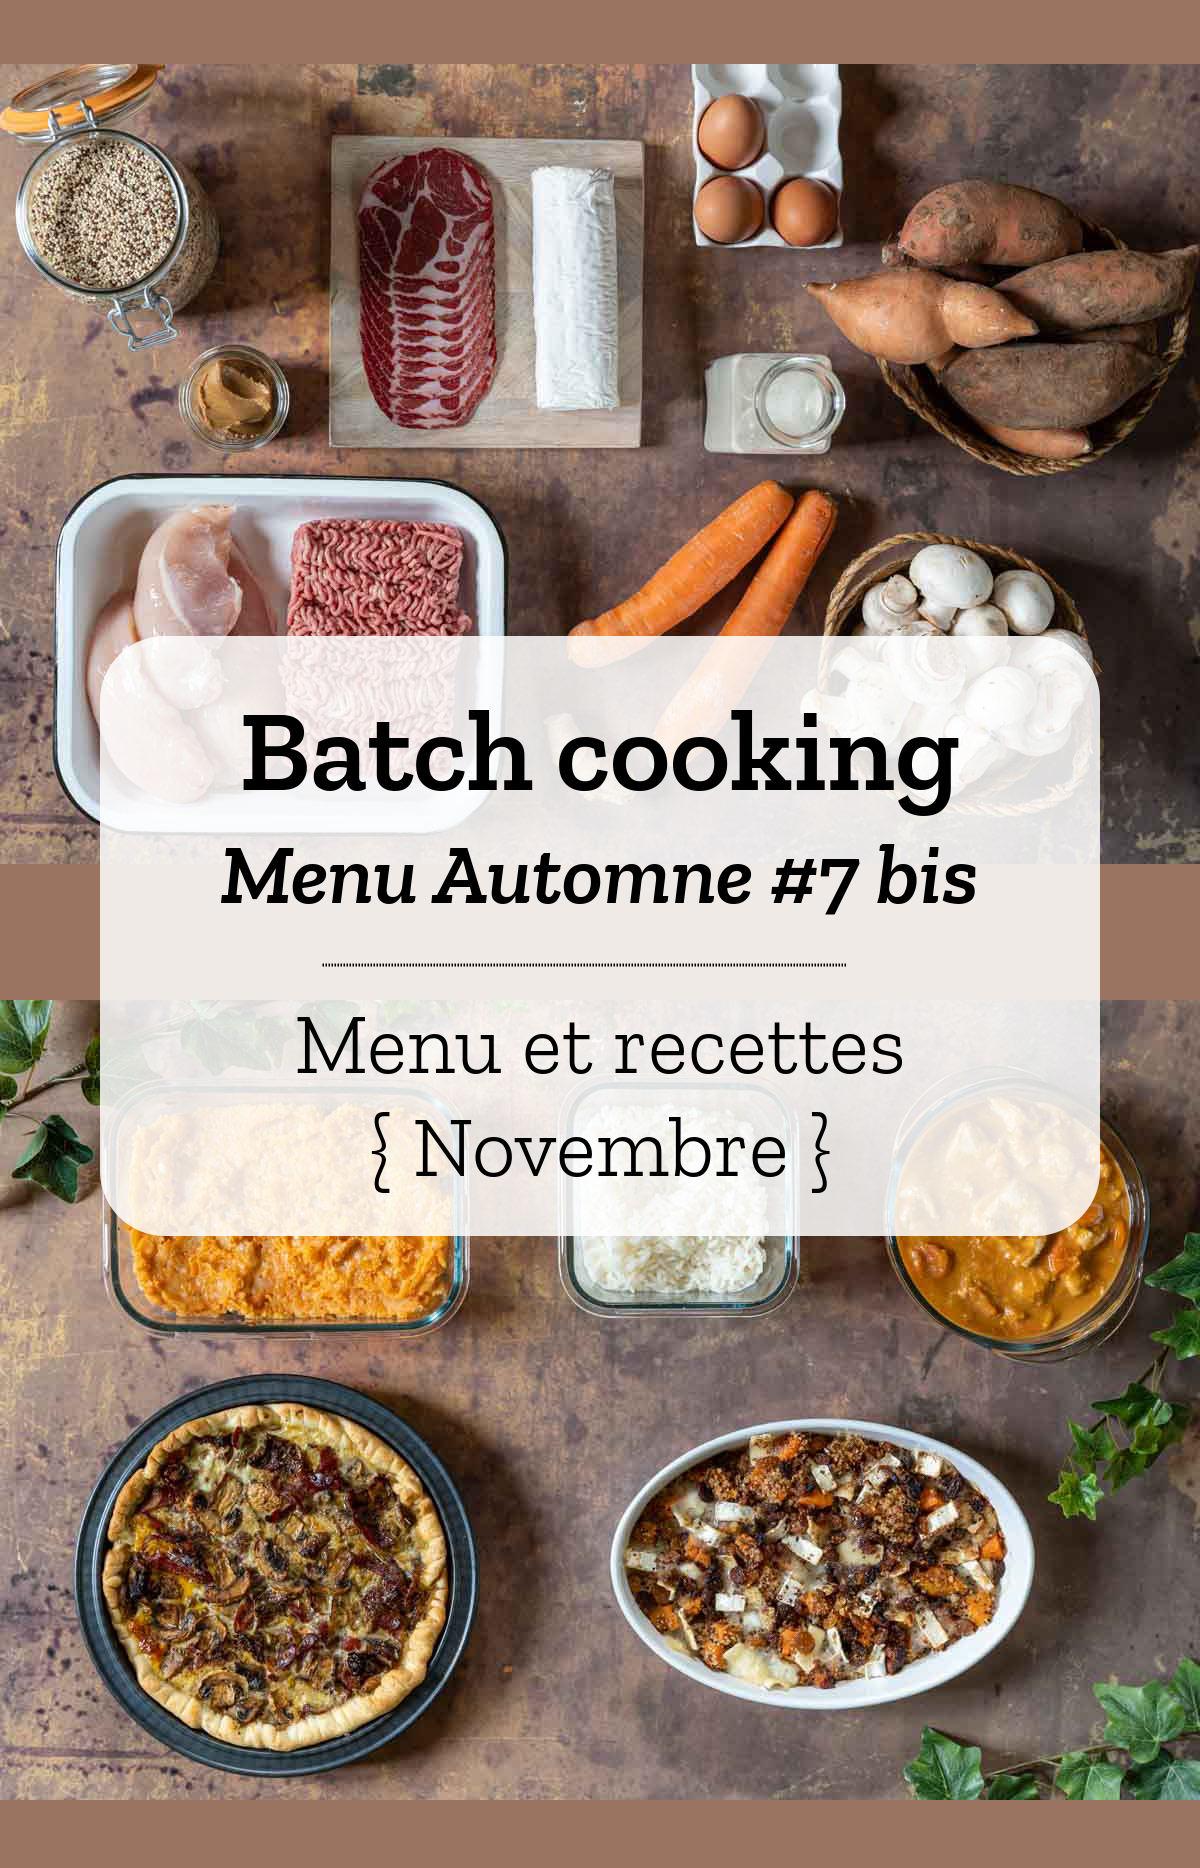 Batch cooking Automne #7 bis - Mois de Novembre 2020 - Semaine 45